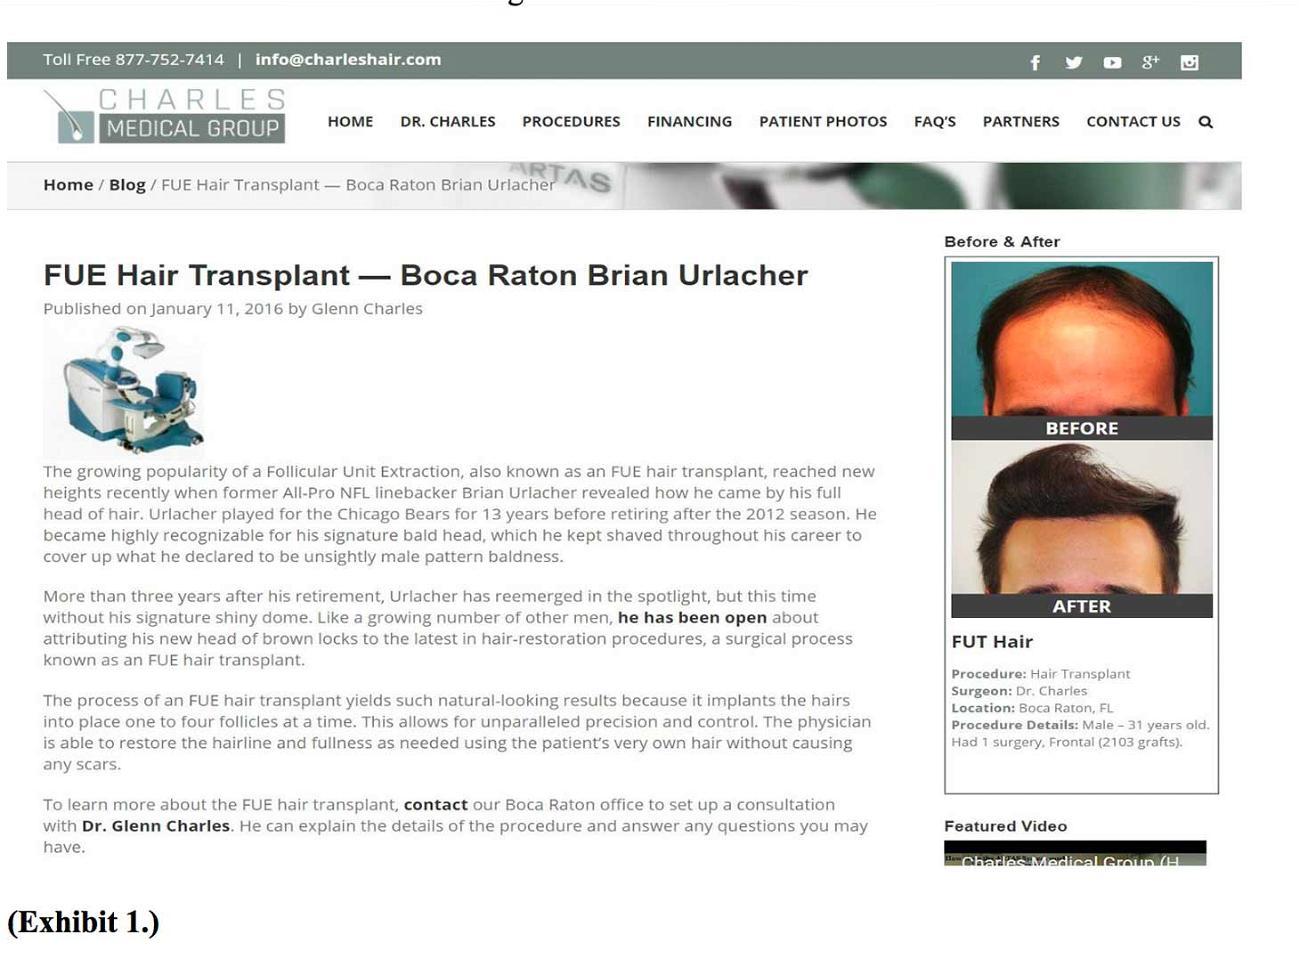 Brian Urlacher Exhibit